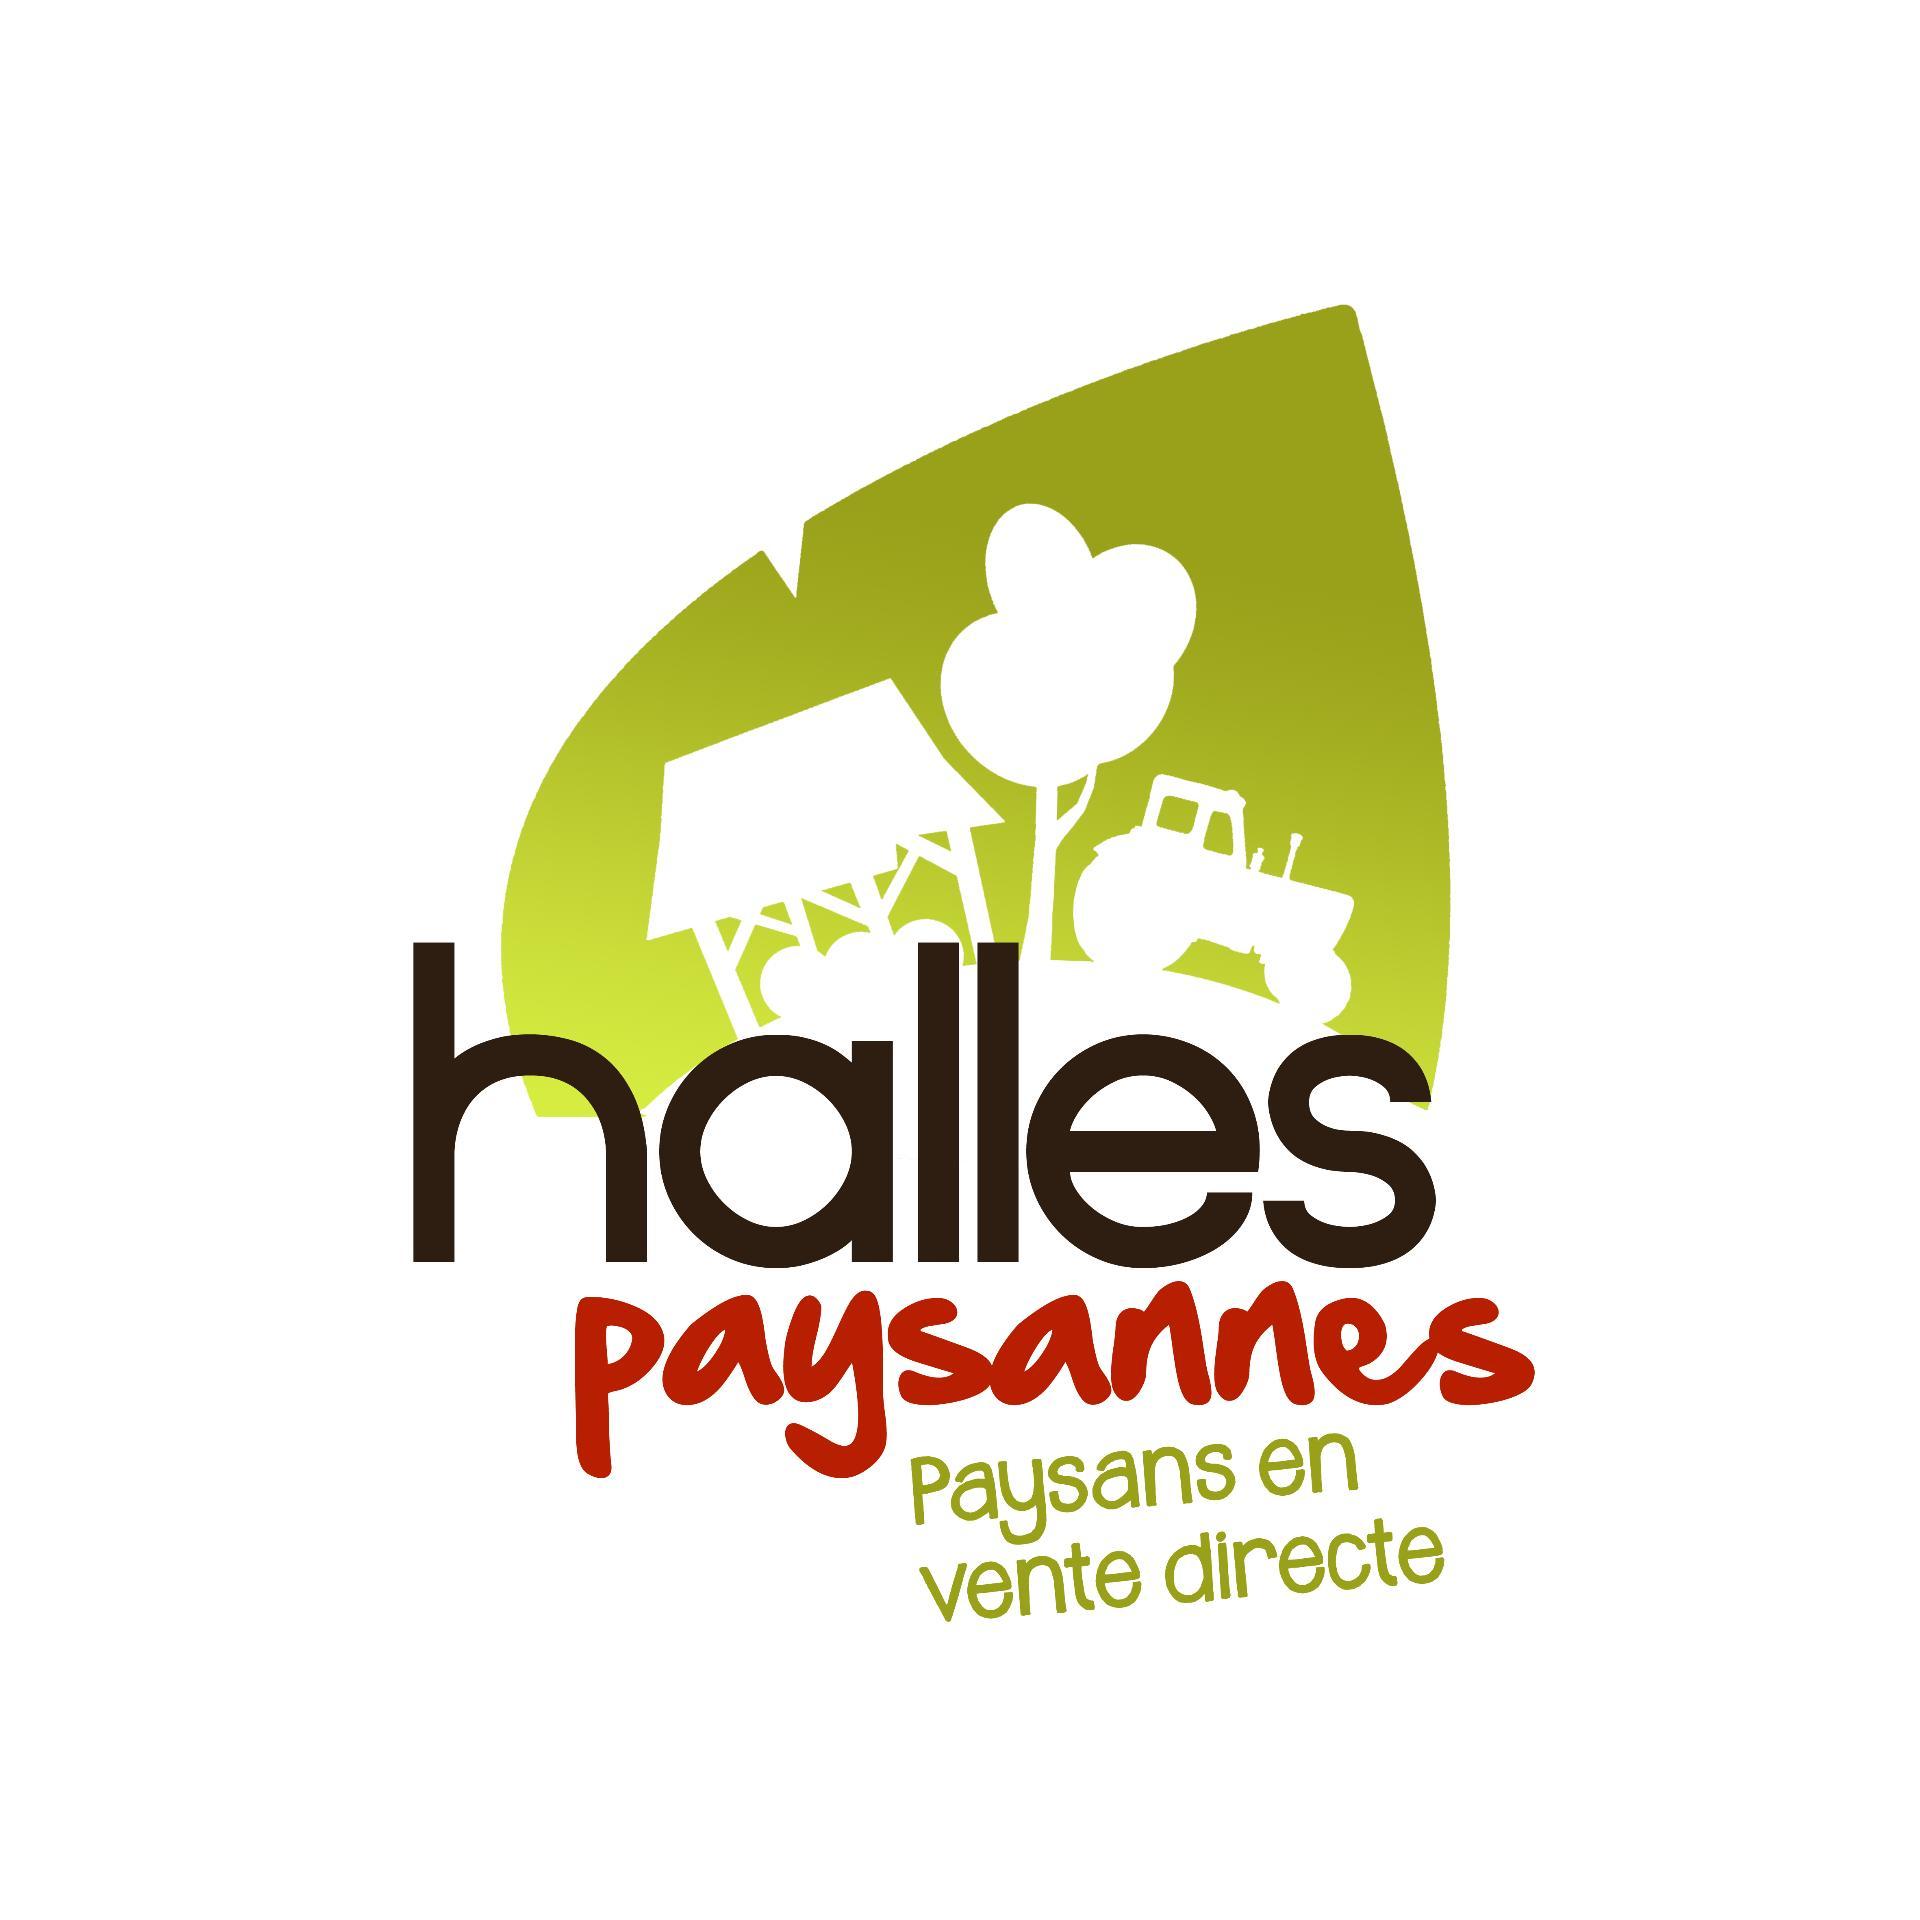 Boutique Les Halles Paysannes